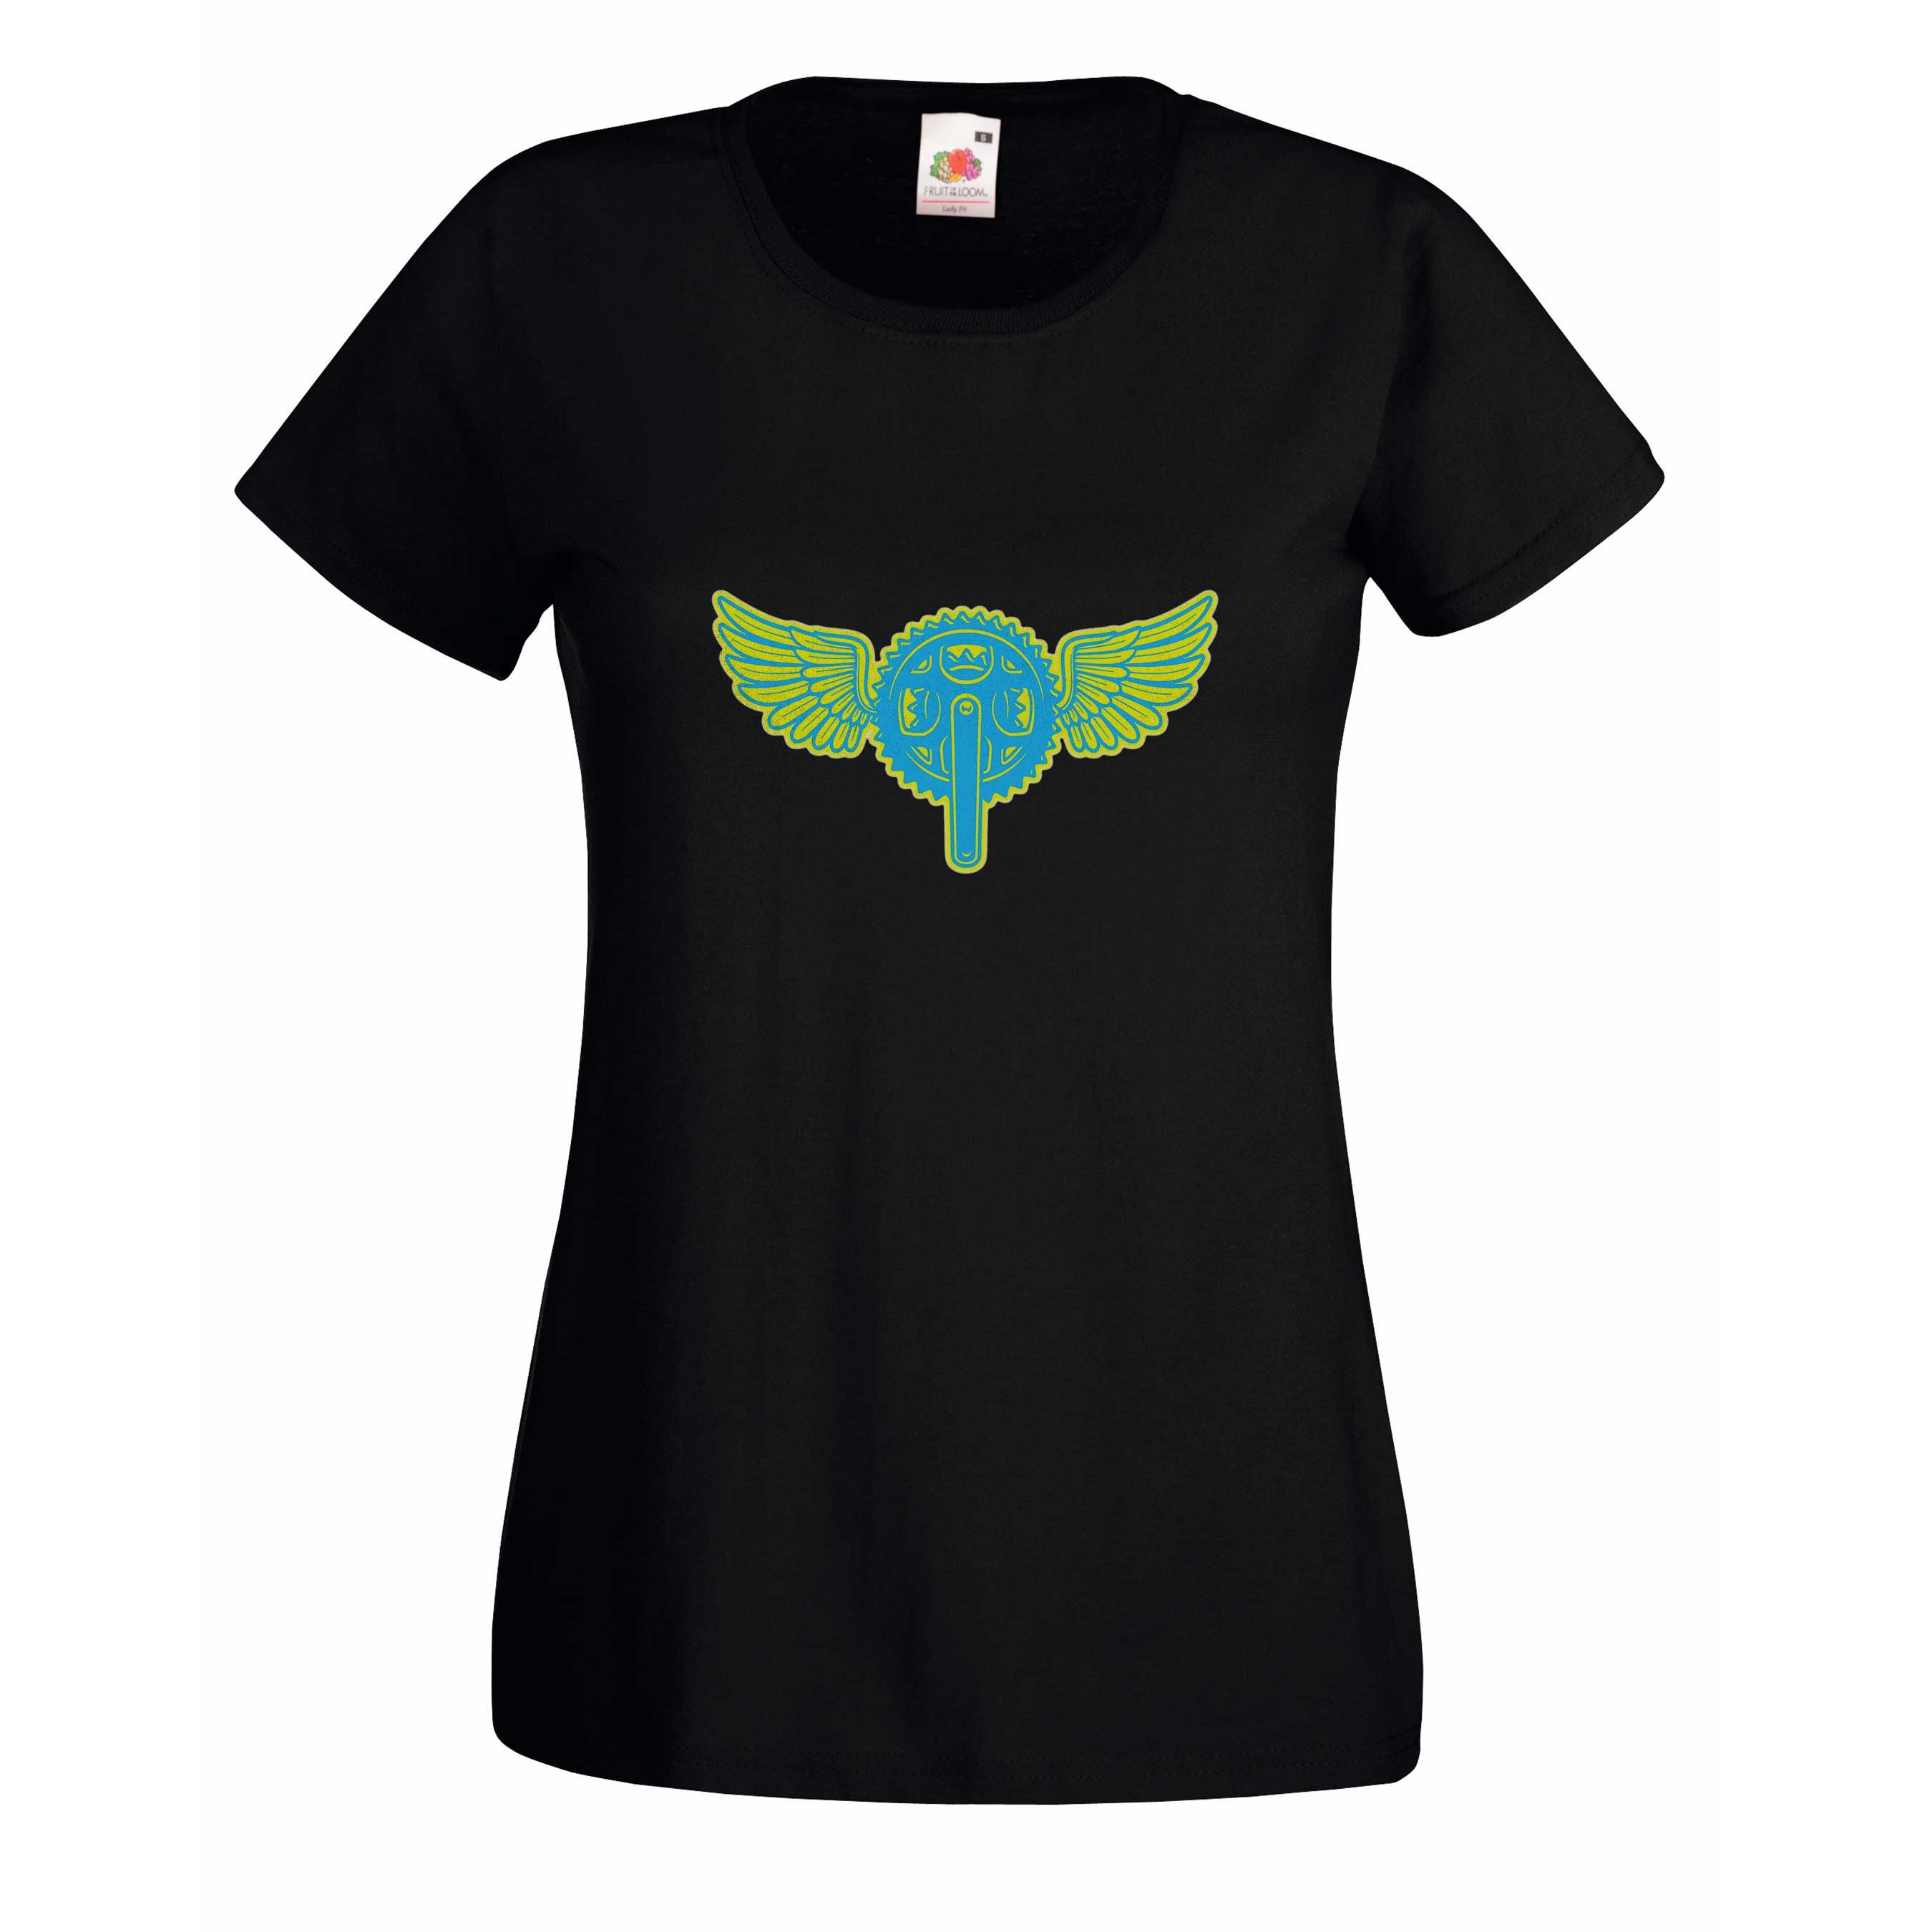 Cog wings design for t-shirt, hoodie & sweatshirt